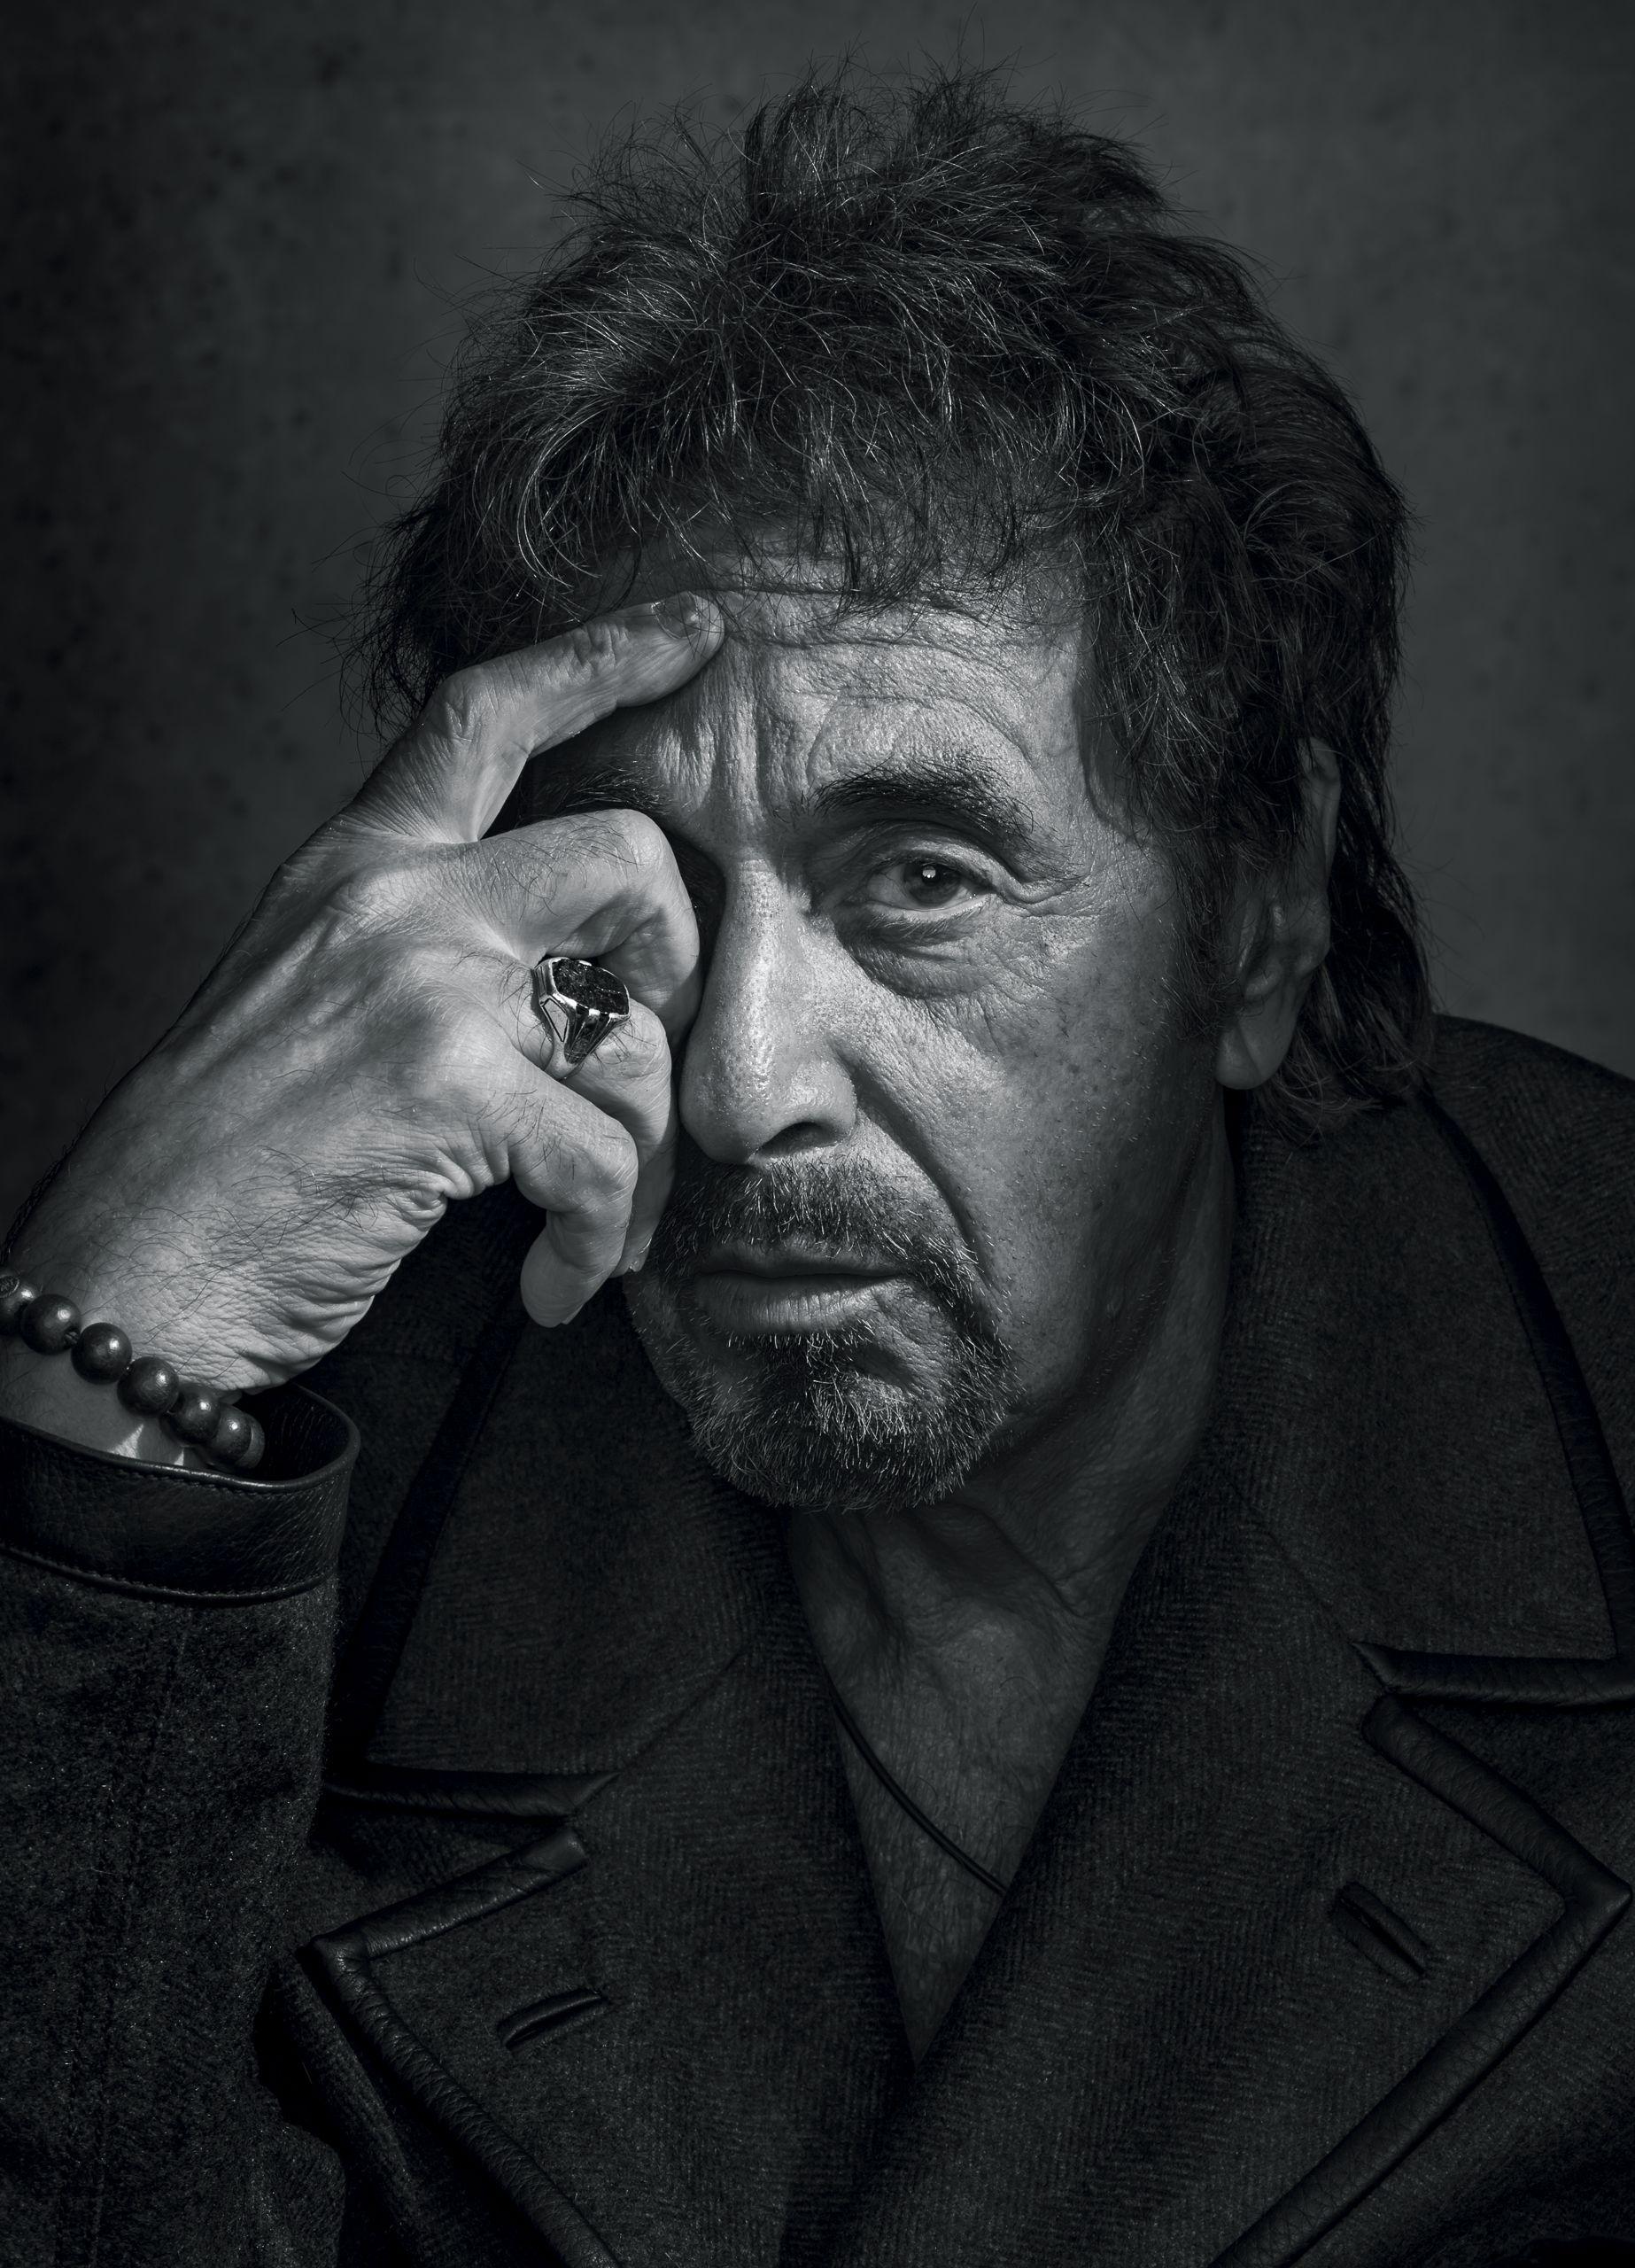 Новые интервью Аль Пачино в 2019 г. | Аль пачино, Портреты ...